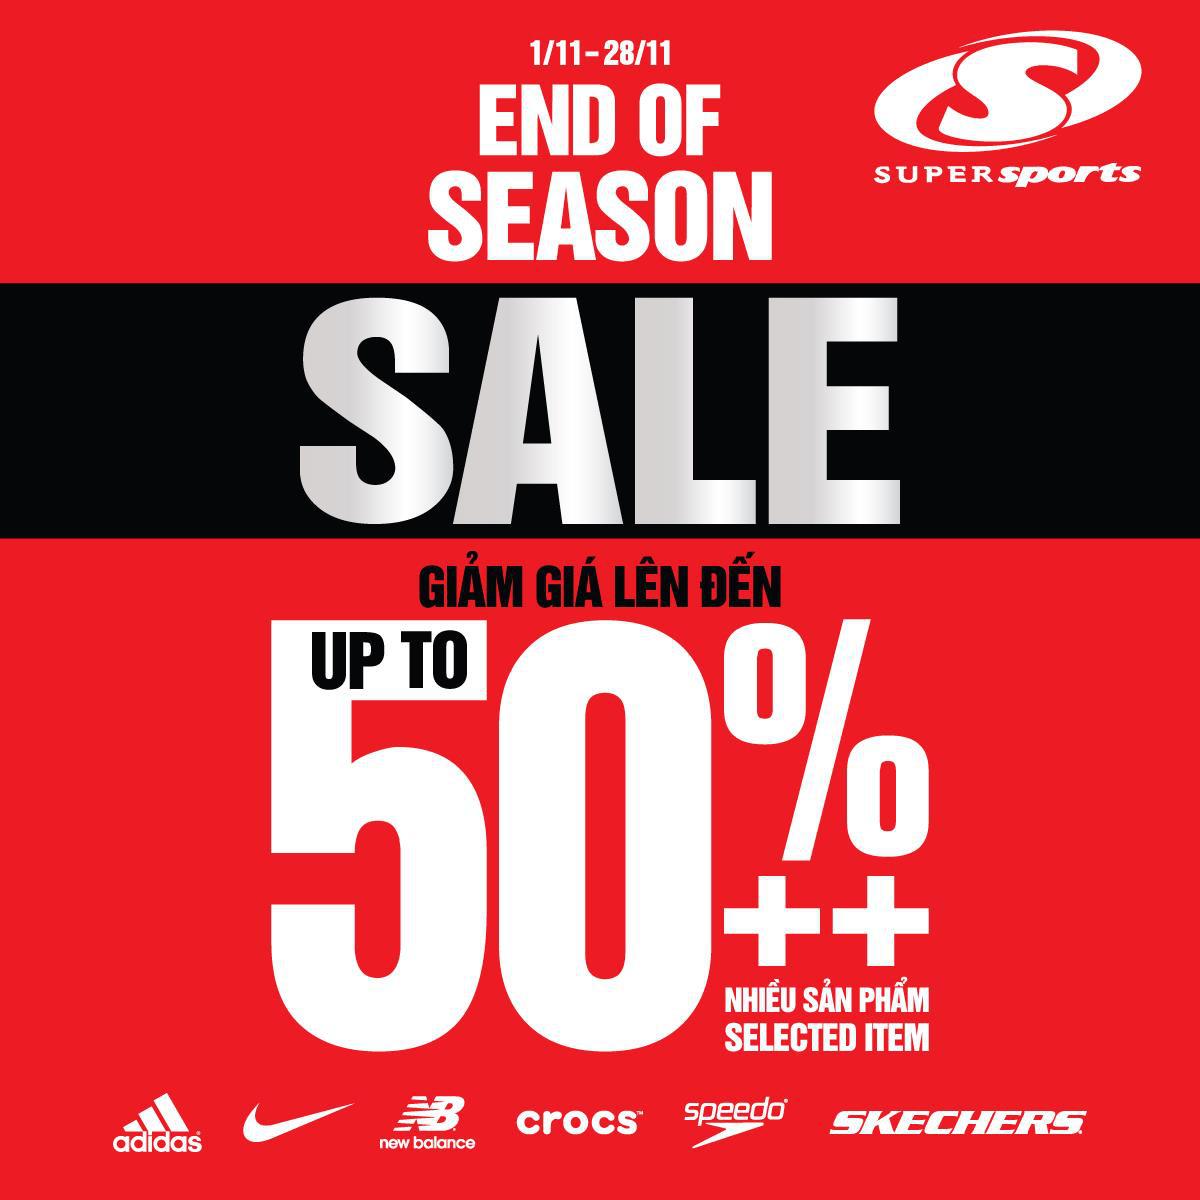 """Supersports """"chơi lớn"""", ưu đãi lên đến 50% cho rất nhiều sản phẩm trong mùa mua sắm cuối năm - Ảnh 1."""